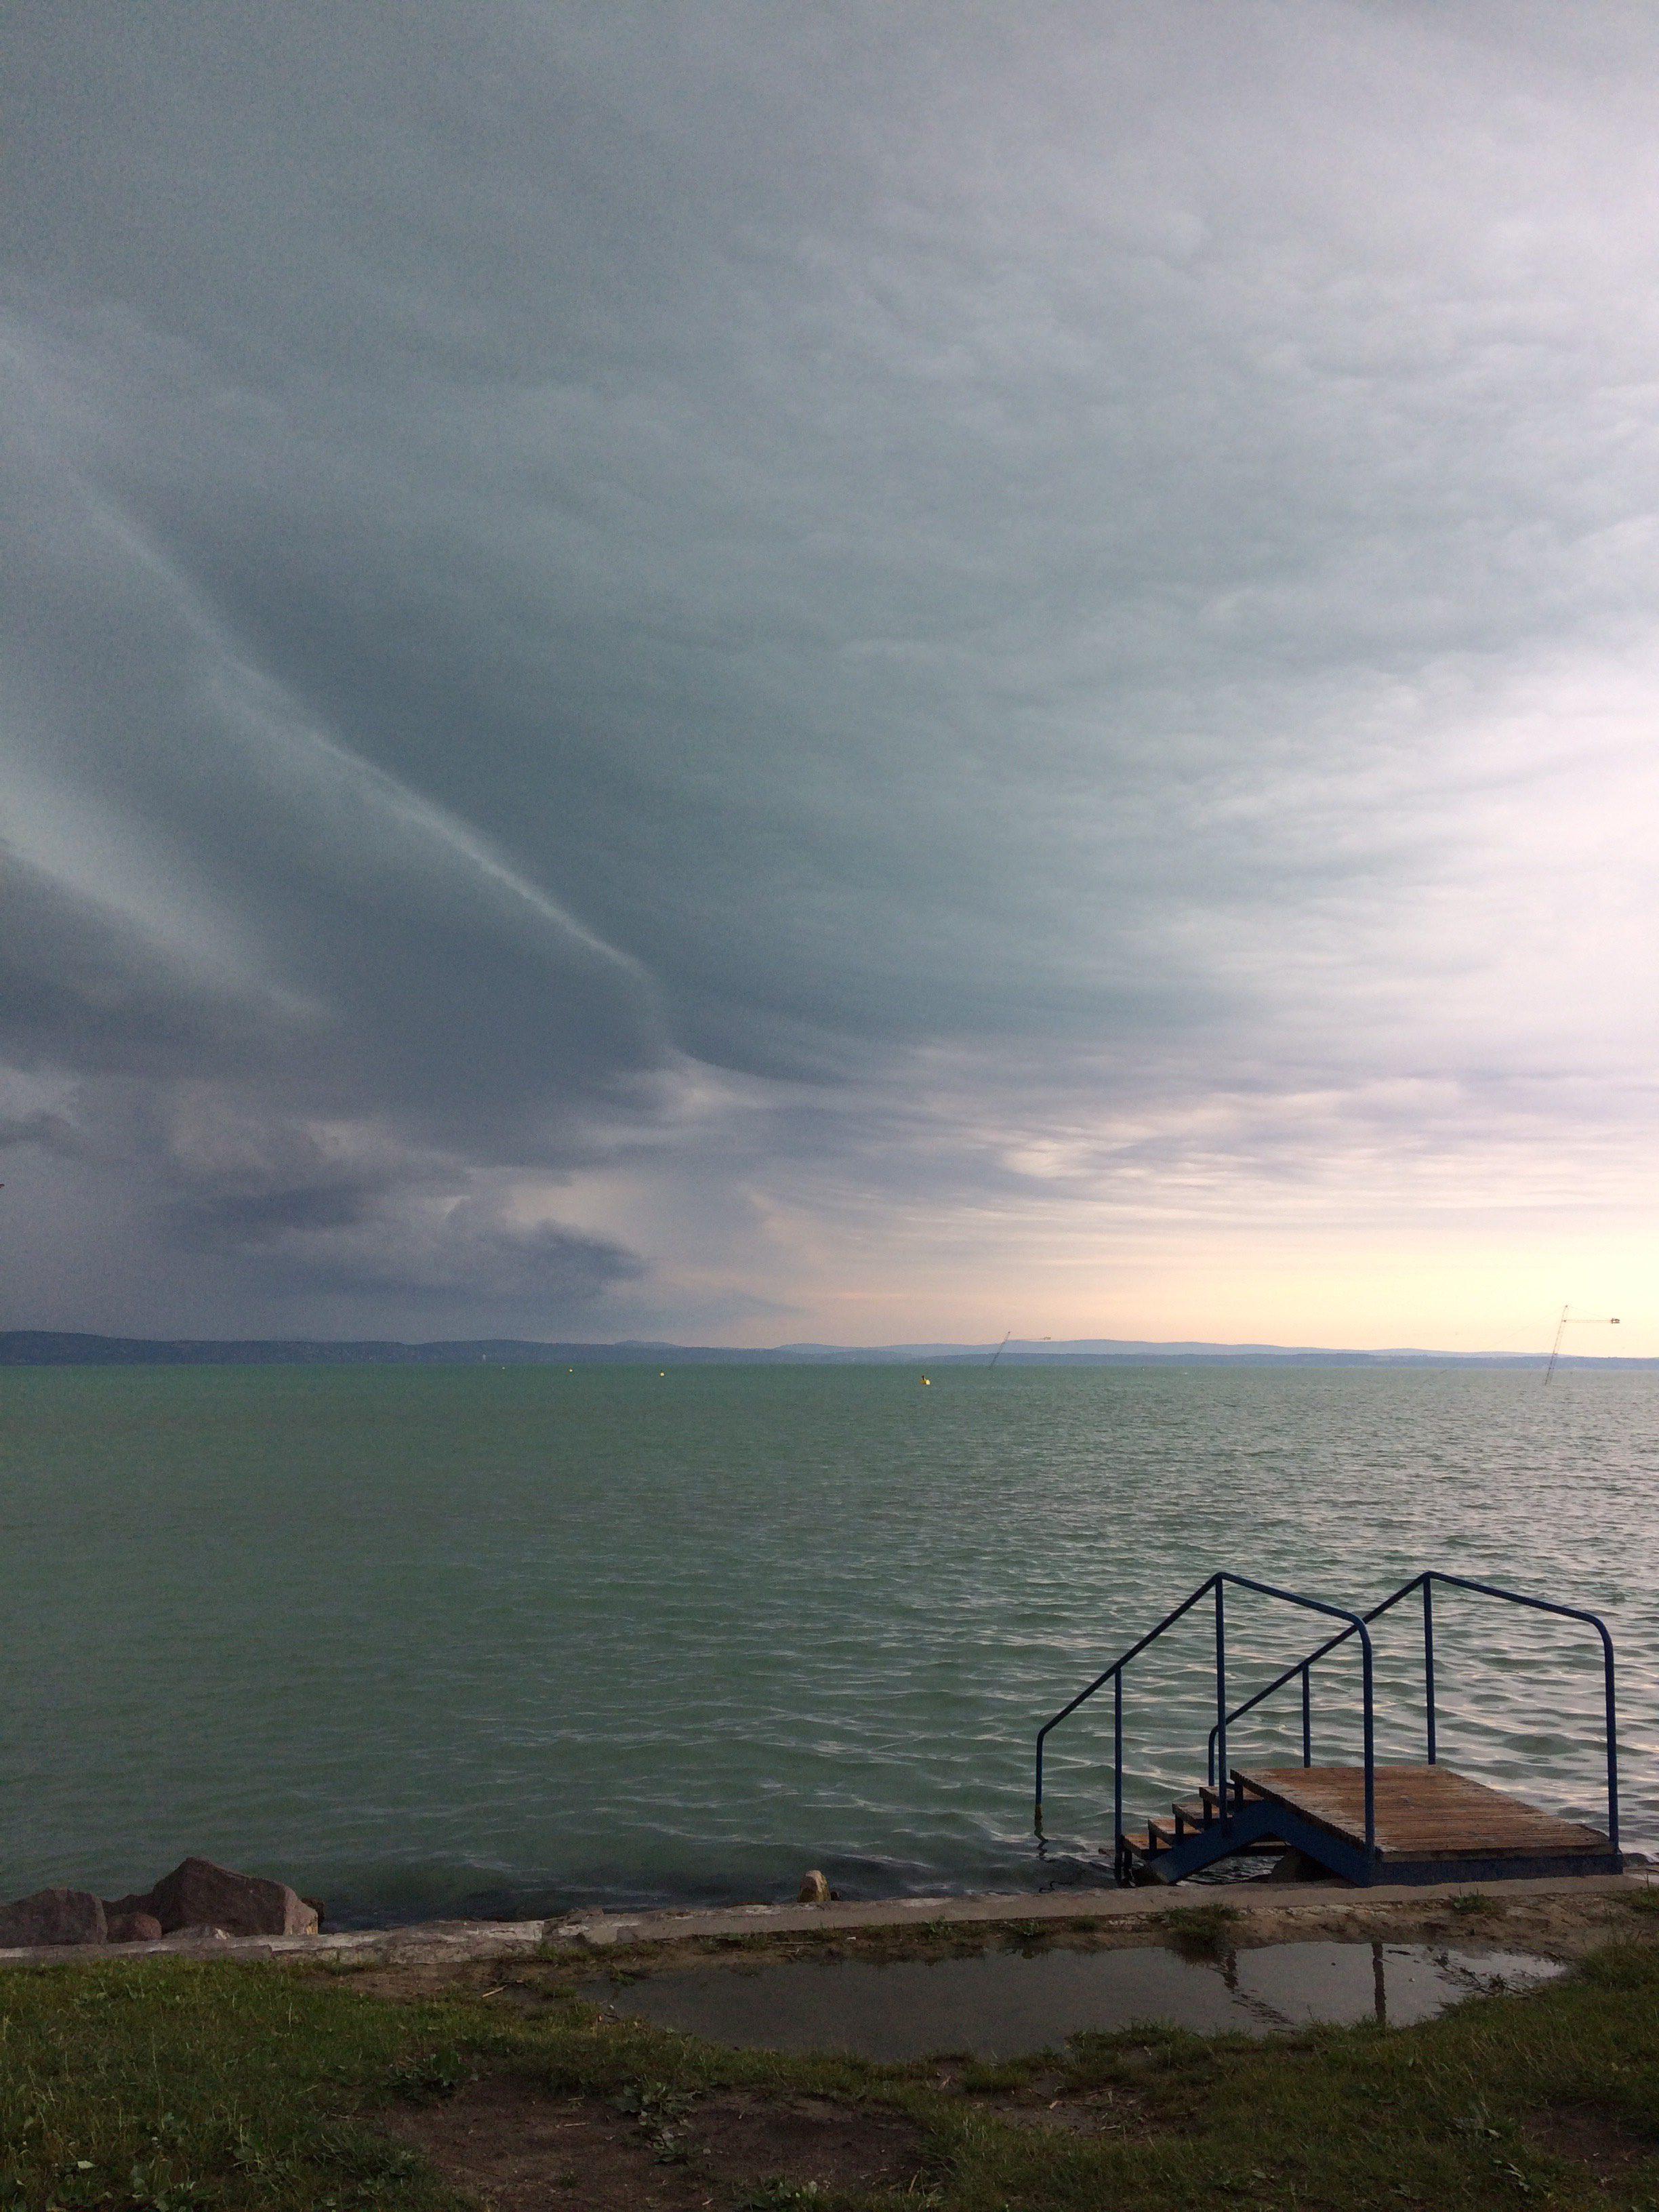 Prerovski Doma1 Balaton-Vihar-Storm-Szel-Vitorlazas-Sailing-Eso-CsodalatosBalaton-HAJOZASHU